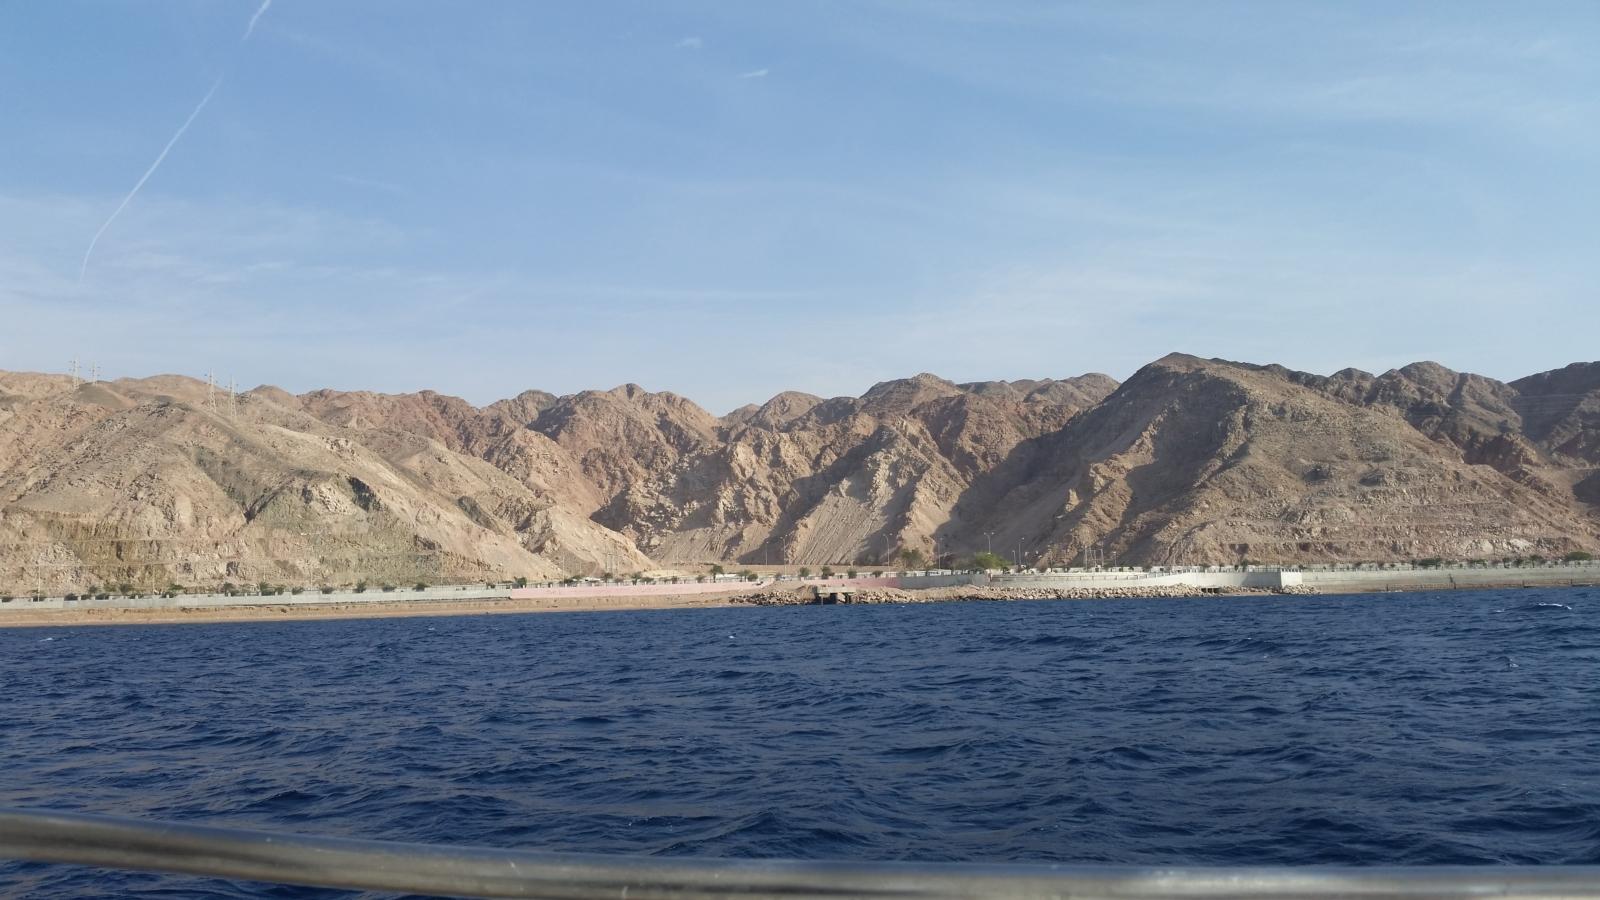 TUI_Jordanien_Aqaba_Rotes Meer_Rote Meer_Schiff_Schifffahrt_Meer